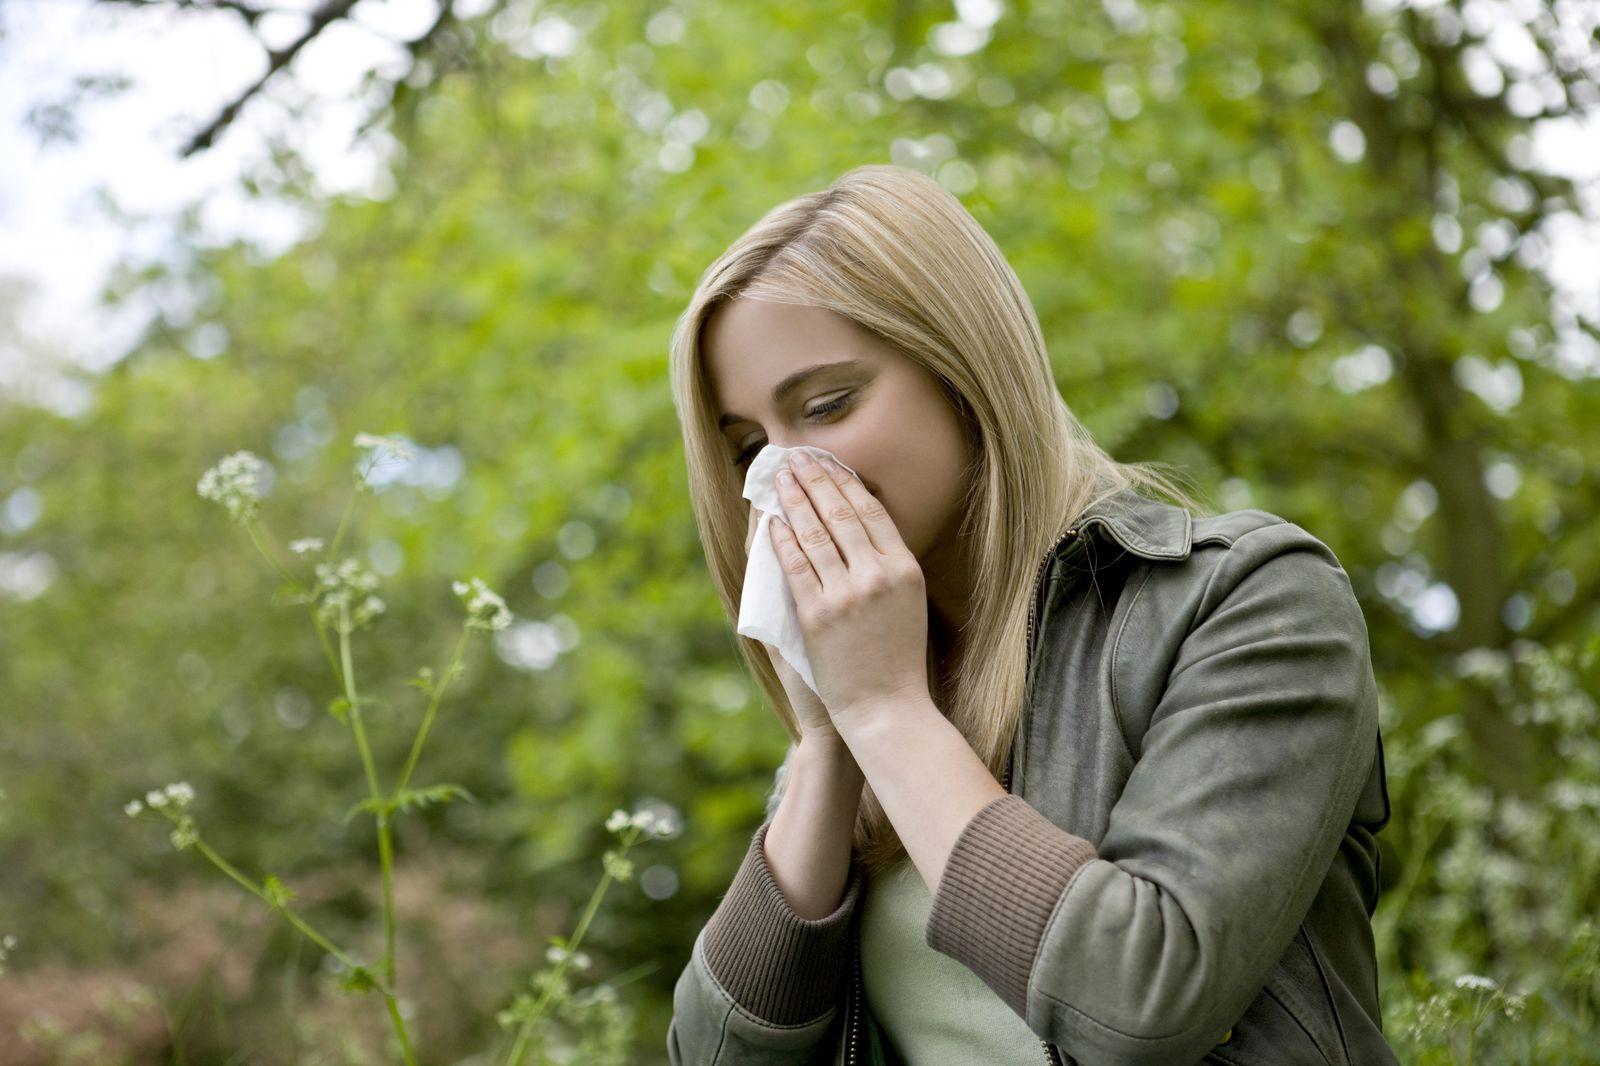 NICHT MEHR VERWENDEN! - Heuschnupfen / Allergie